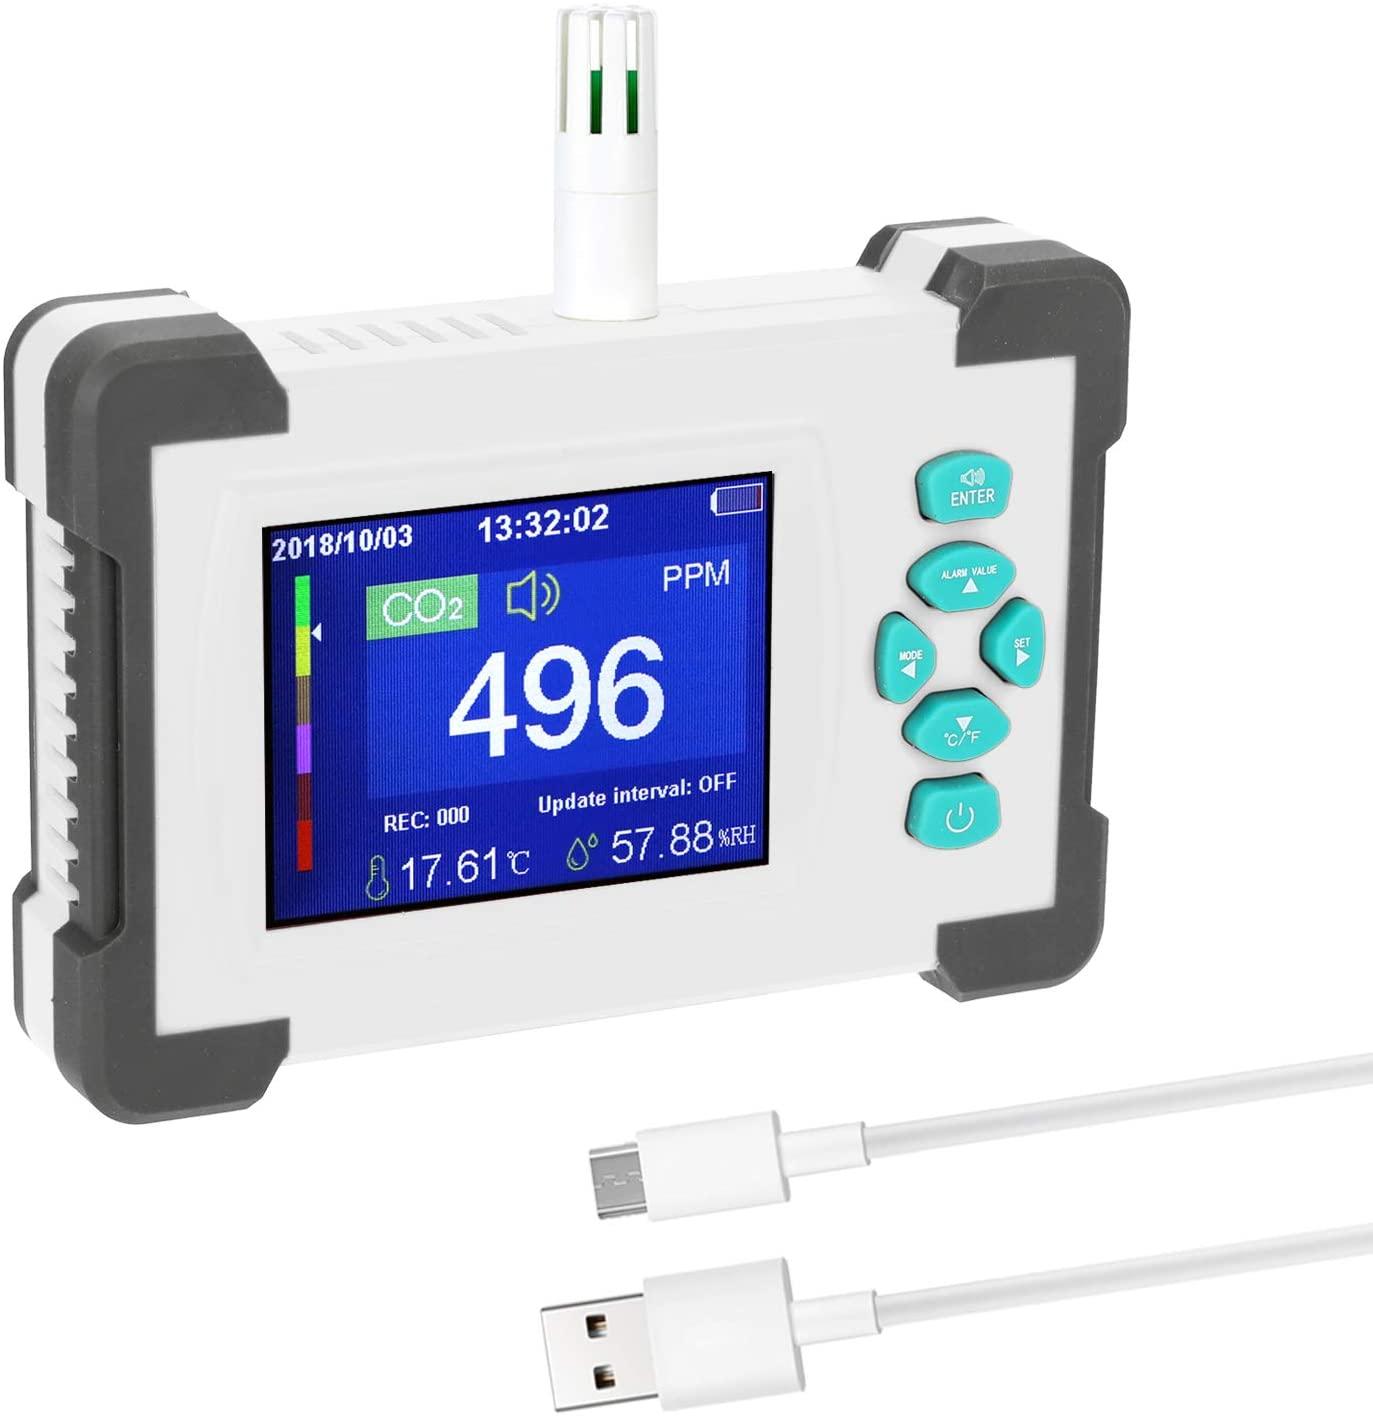 Bild zu Gecheer Kohlendioxid Detektor mit 3,2 Zoll Display für 34,99€